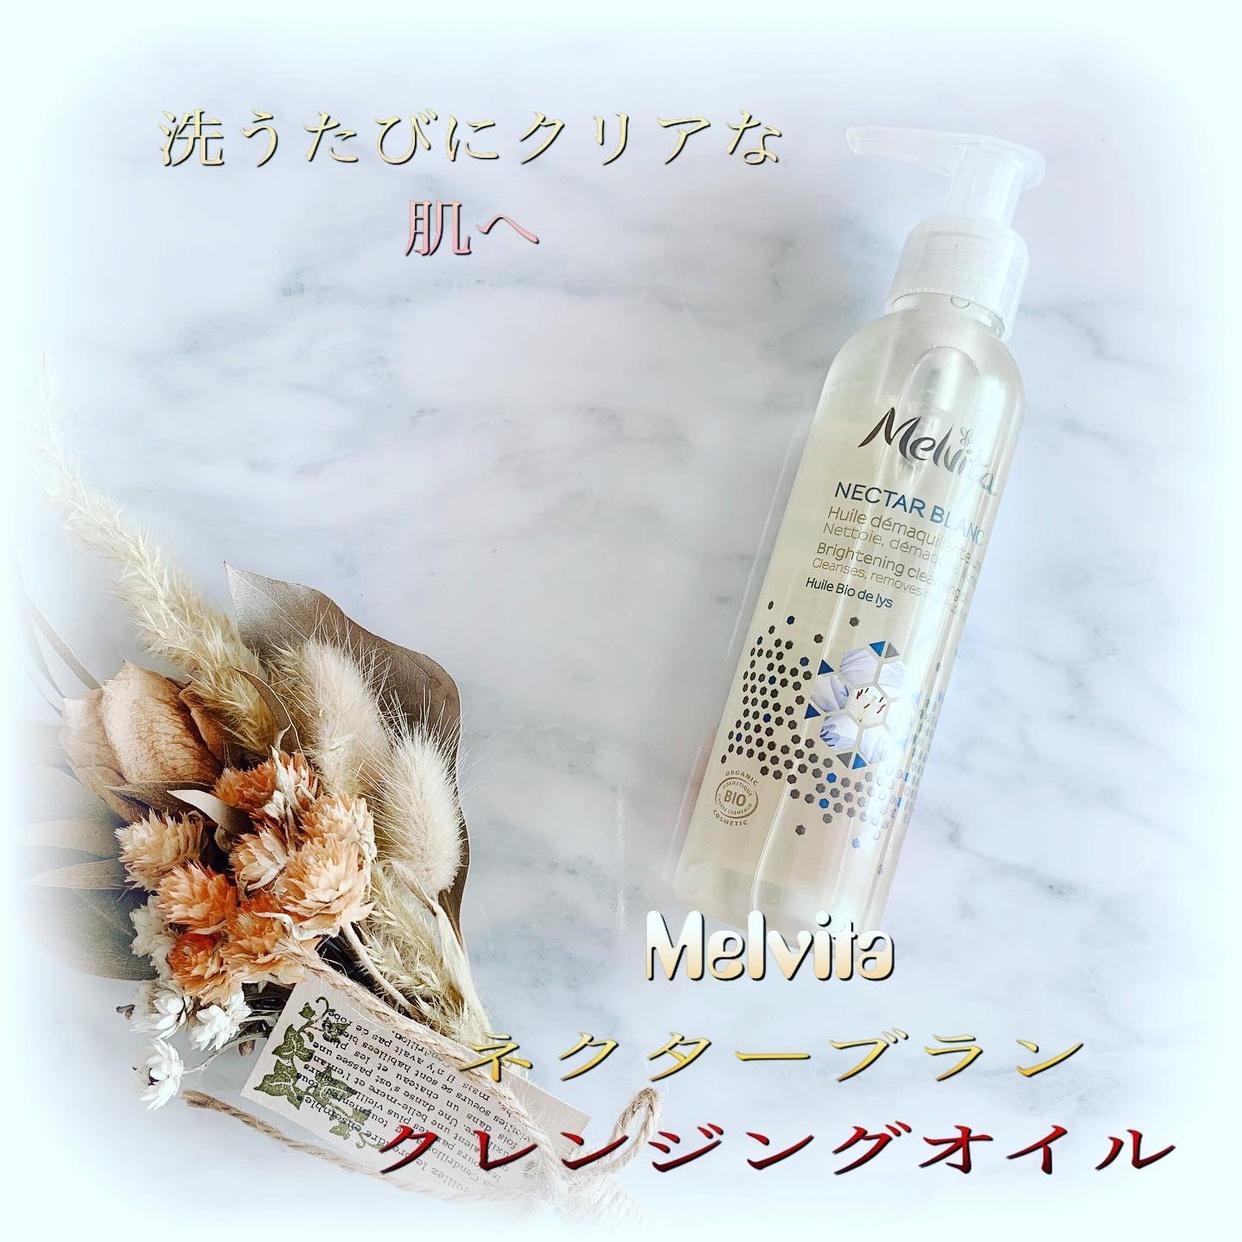 Melvita(メルヴィータ) ネクターブラン クレンジングオイルの良い点・メリットに関するsnowmiさんの口コミ画像1